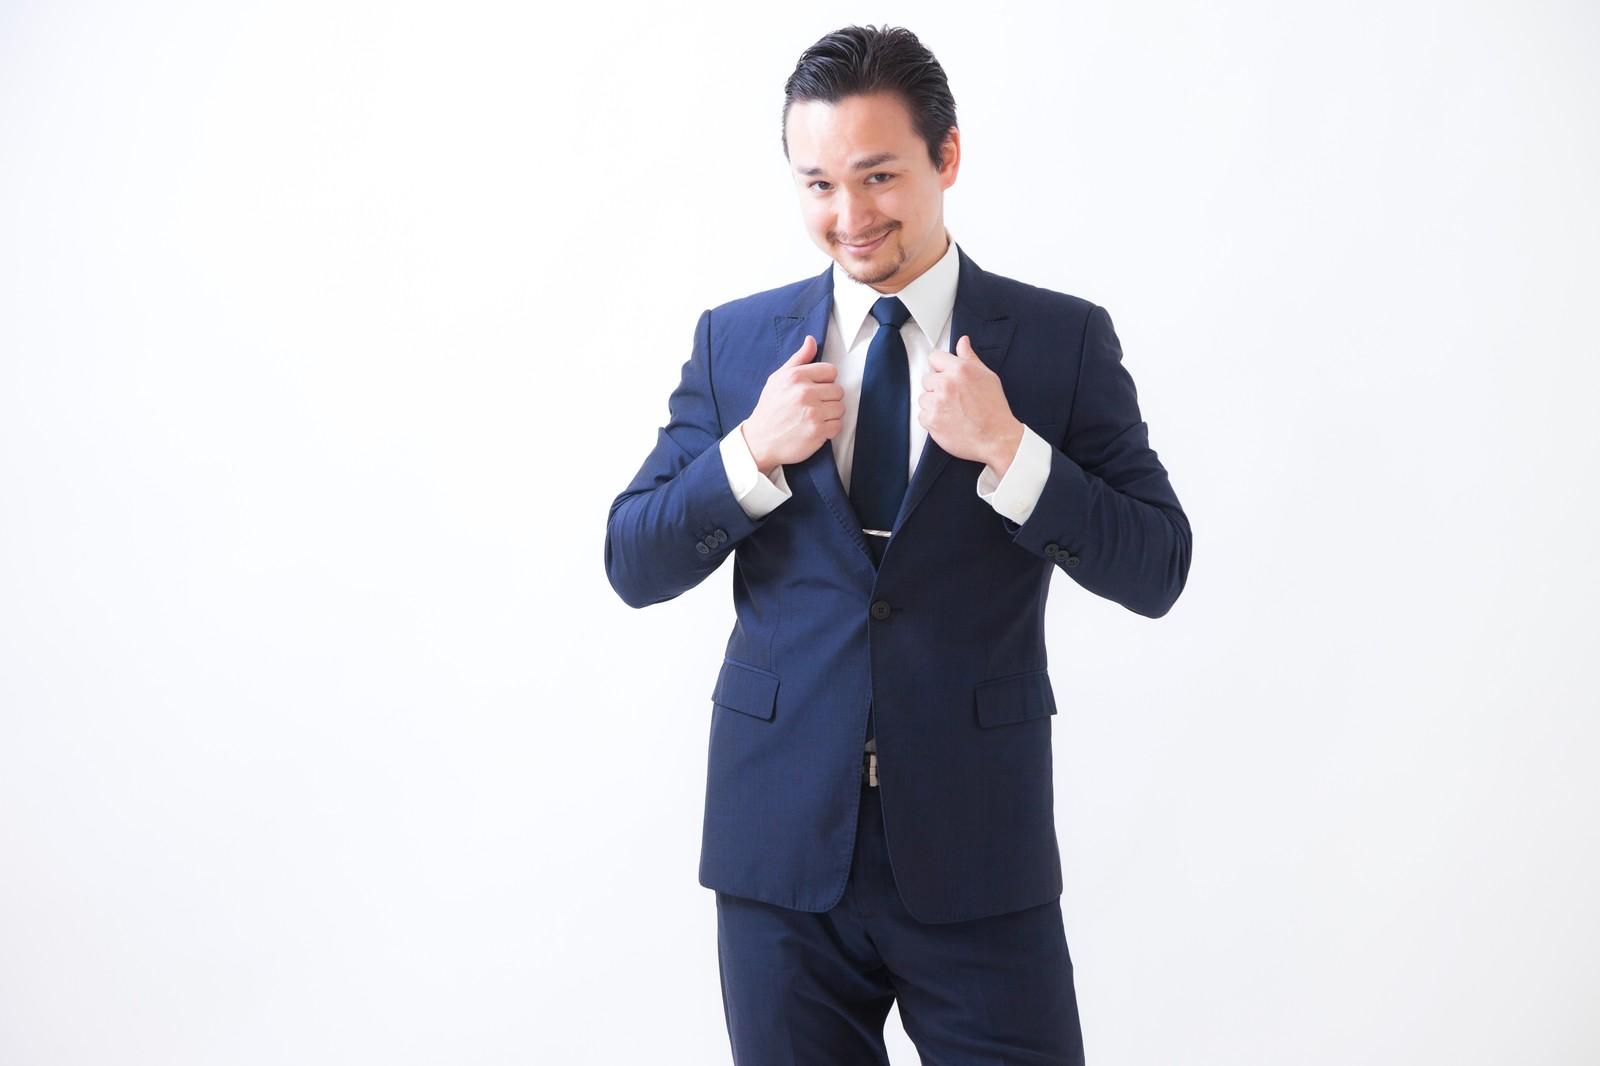 卒園式のパパのスーツやネクタイの色2019年はこれ!服装で恥をかかないように